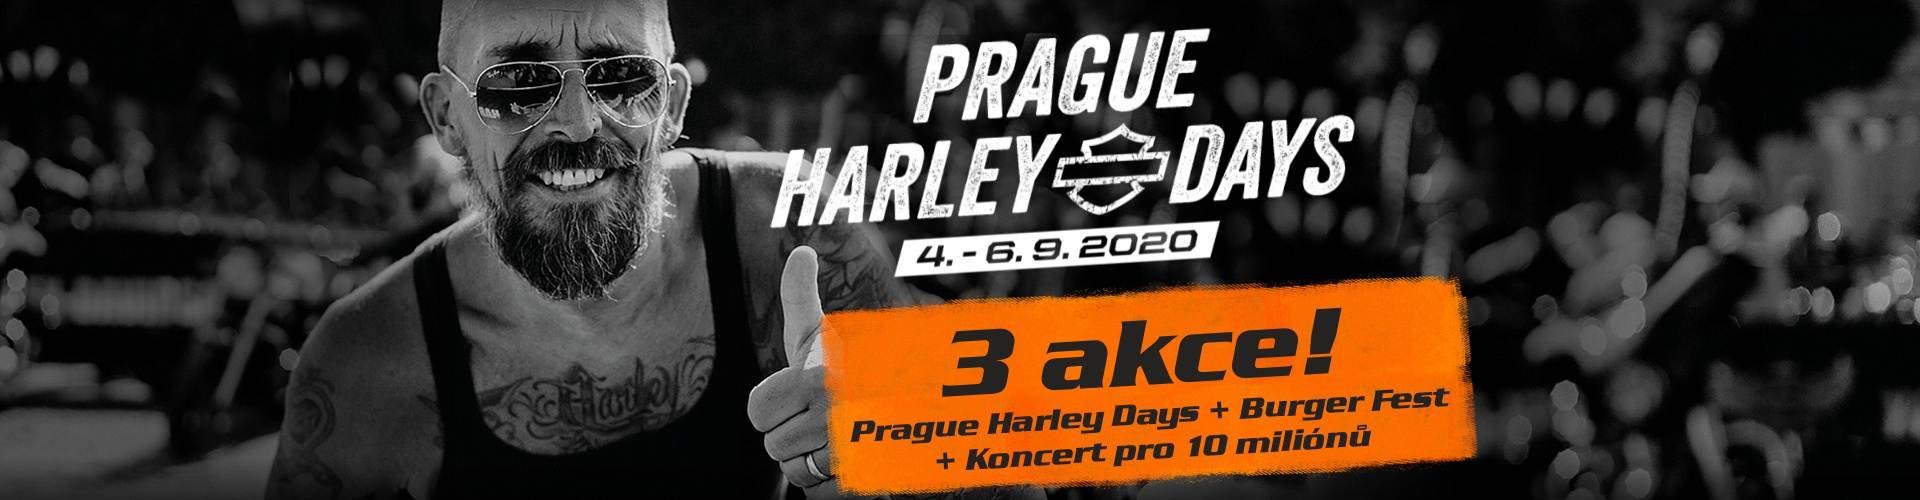 tucar-banner-prague-harley-days-1920x500